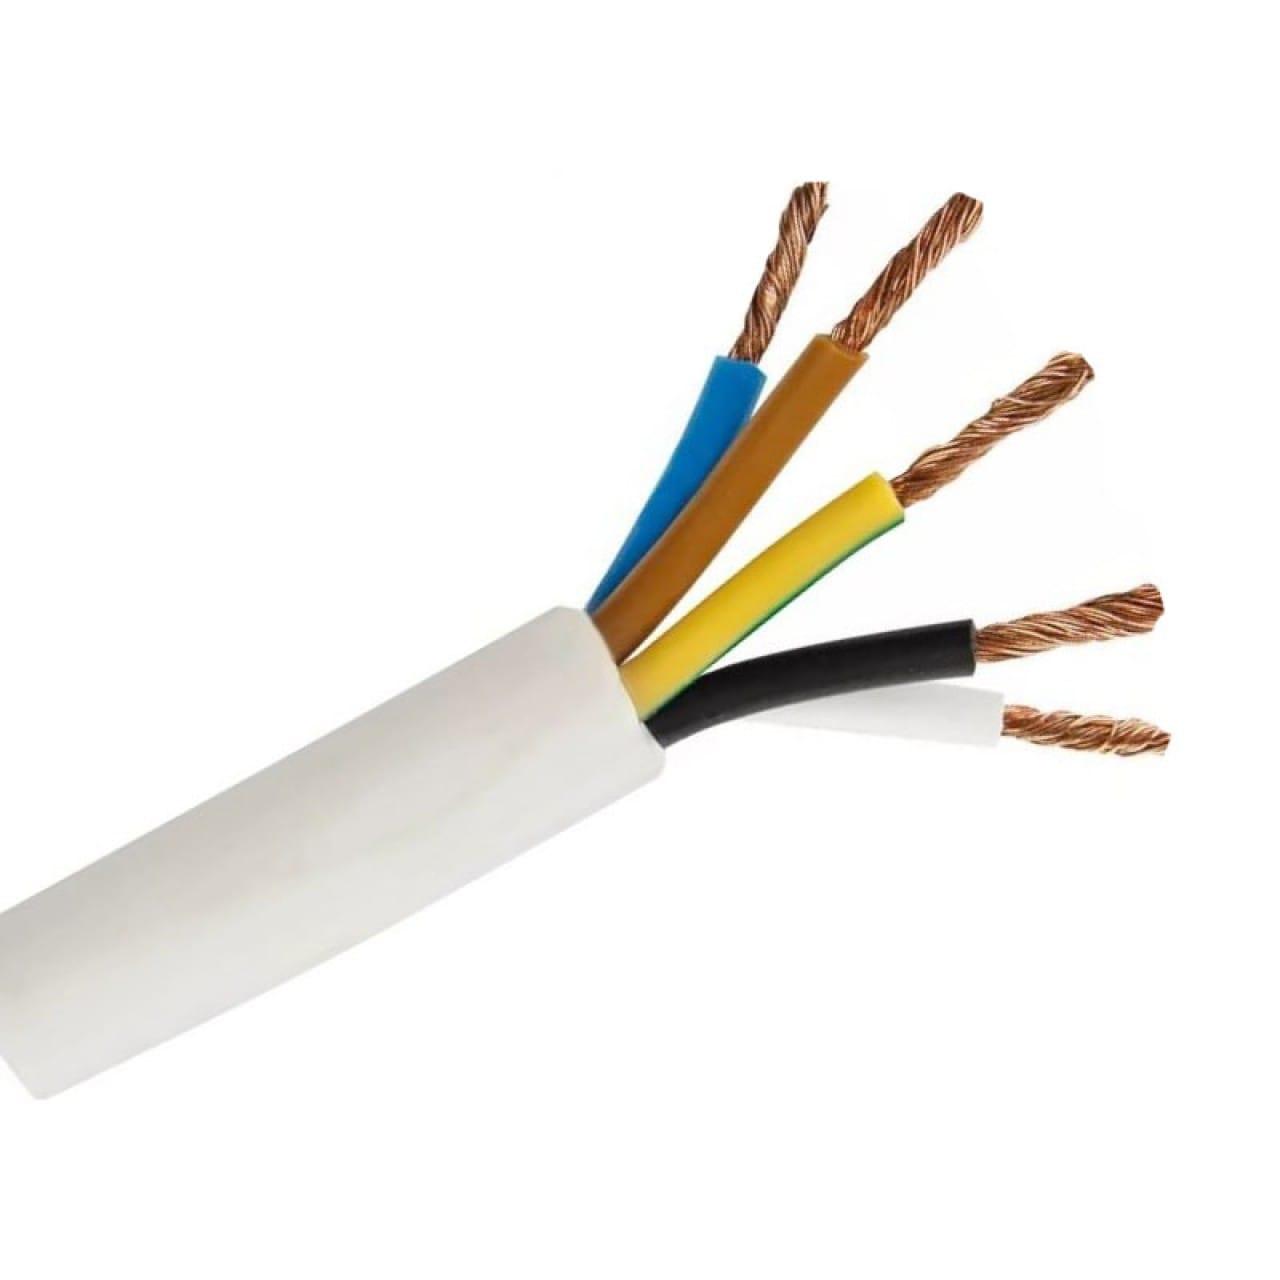 Кабель и провод - Провод соединительный ПВС 5х2,5  000001313 - Фото 1